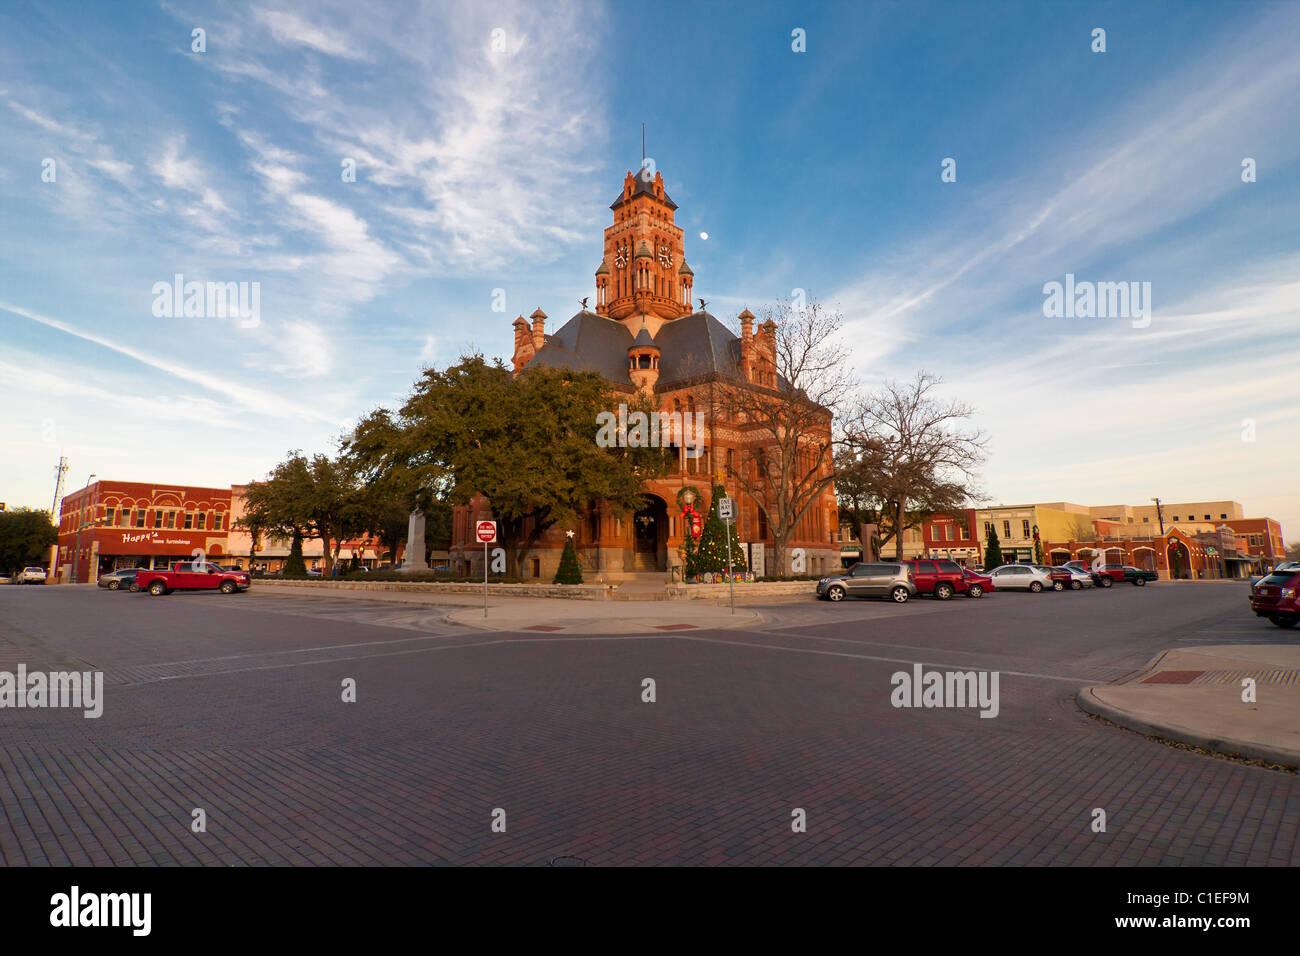 Historic Texas Courthouse Stock Photos & Historic Texas Courthouse ...